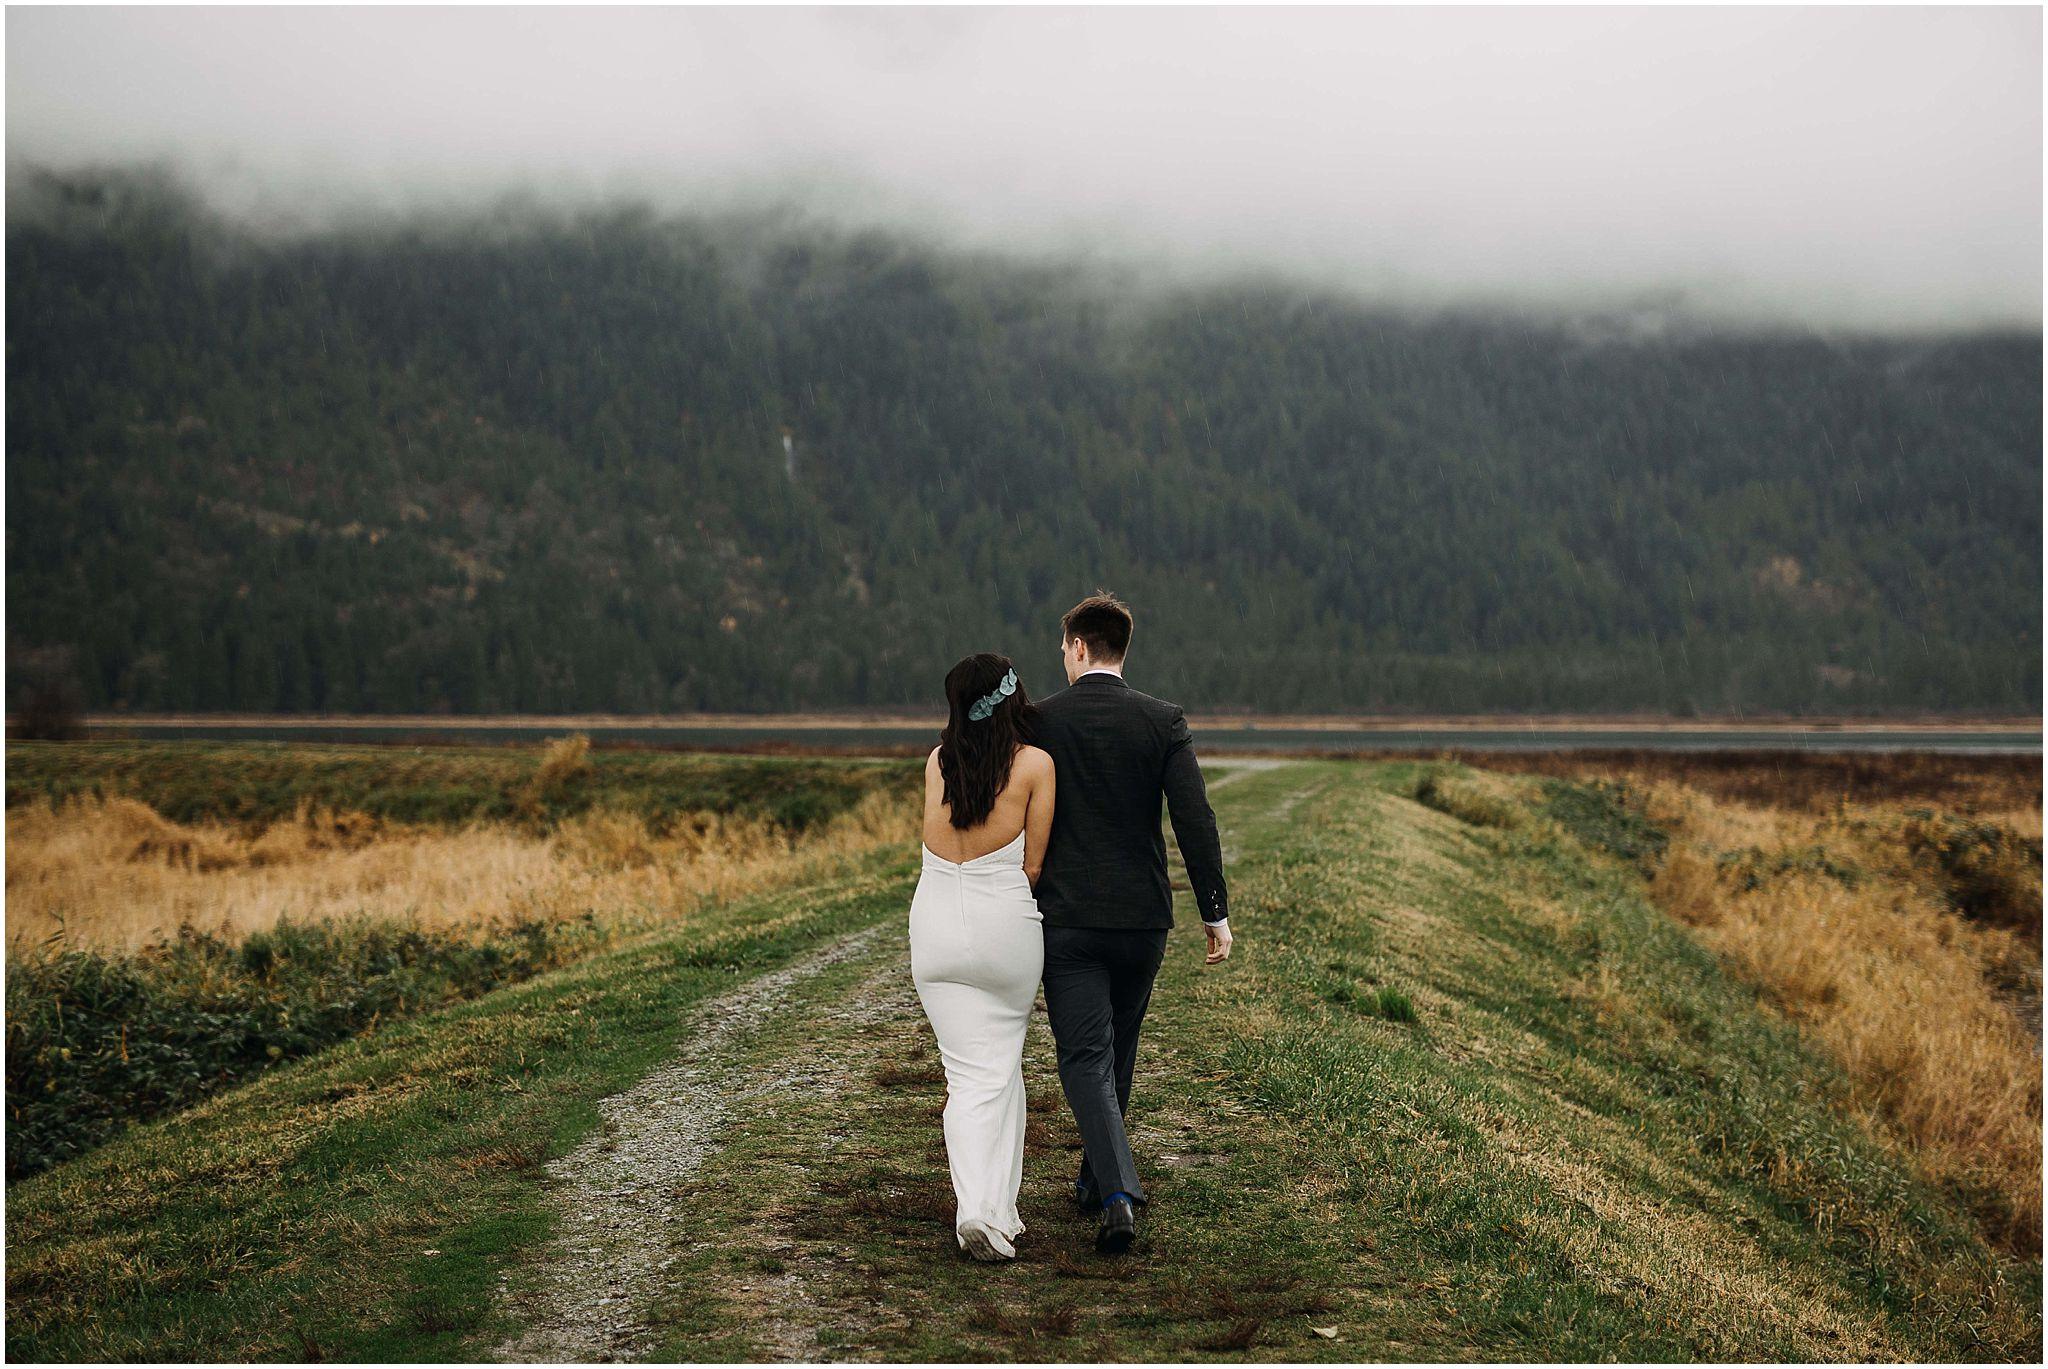 couple walking away pitt lake marsh pnw engagement